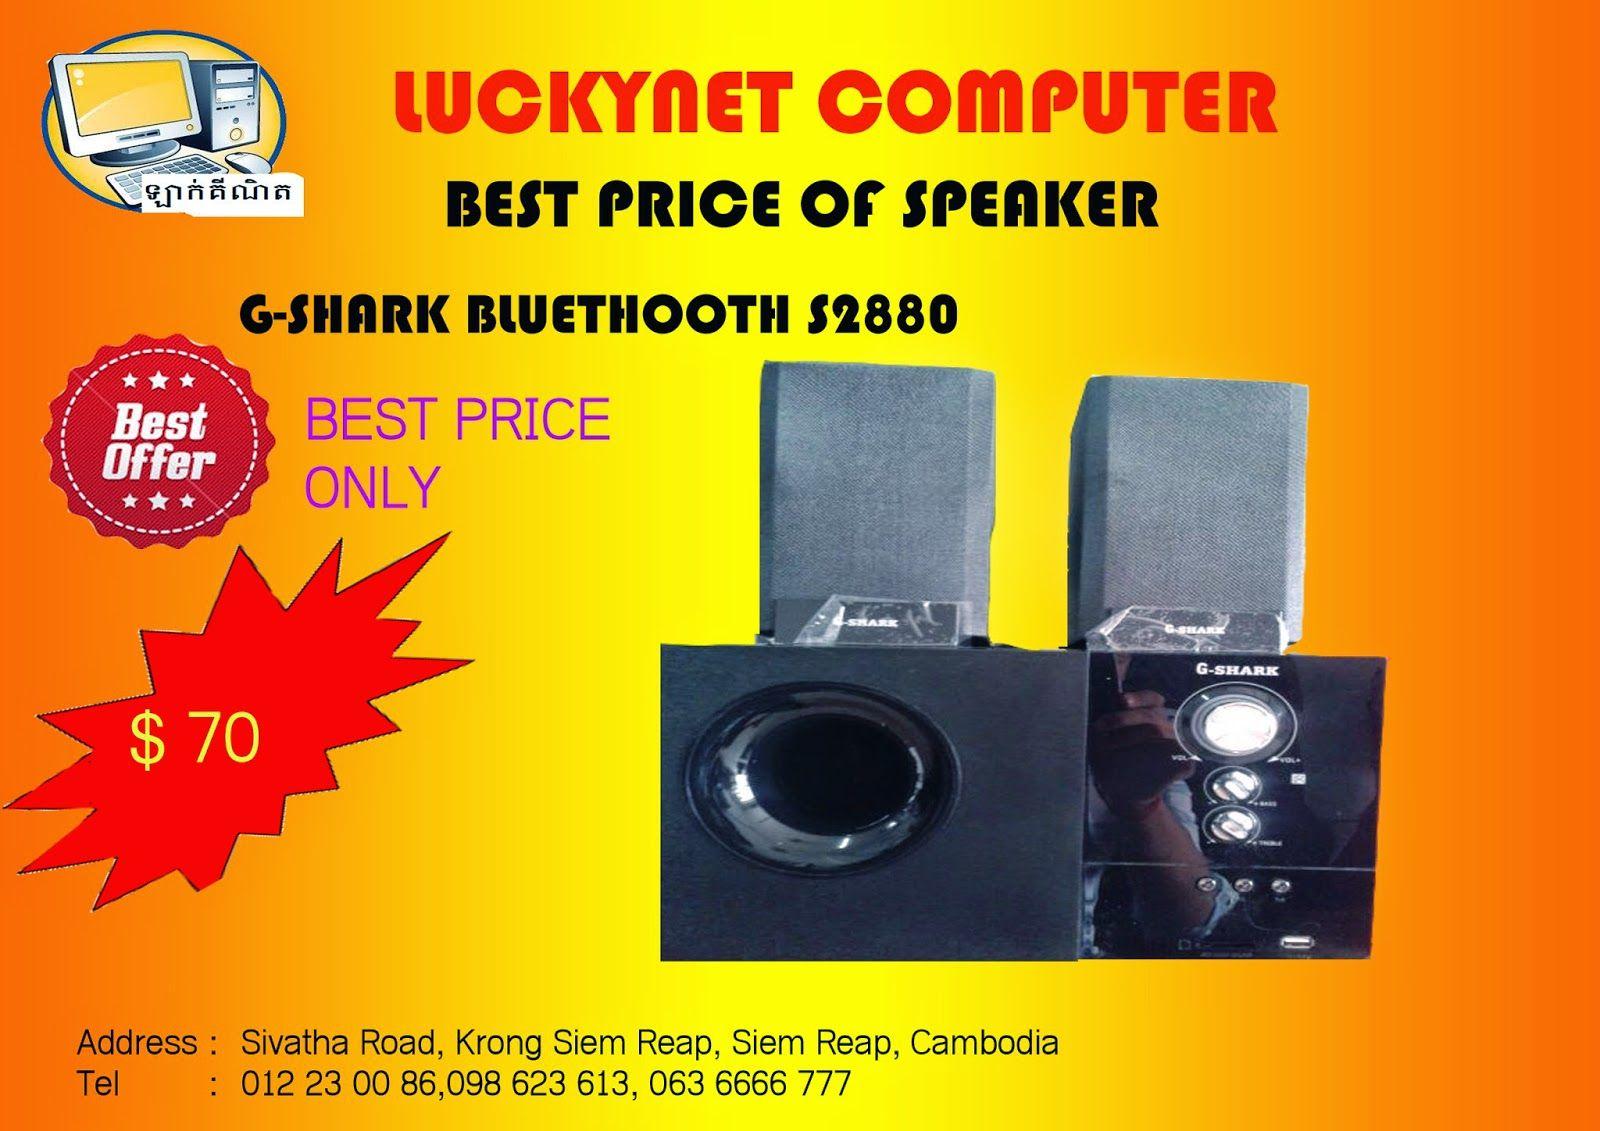 Lucky Net Computer សៀមរាប: G-SHARK Speaker (លក់បញ្ចុះ